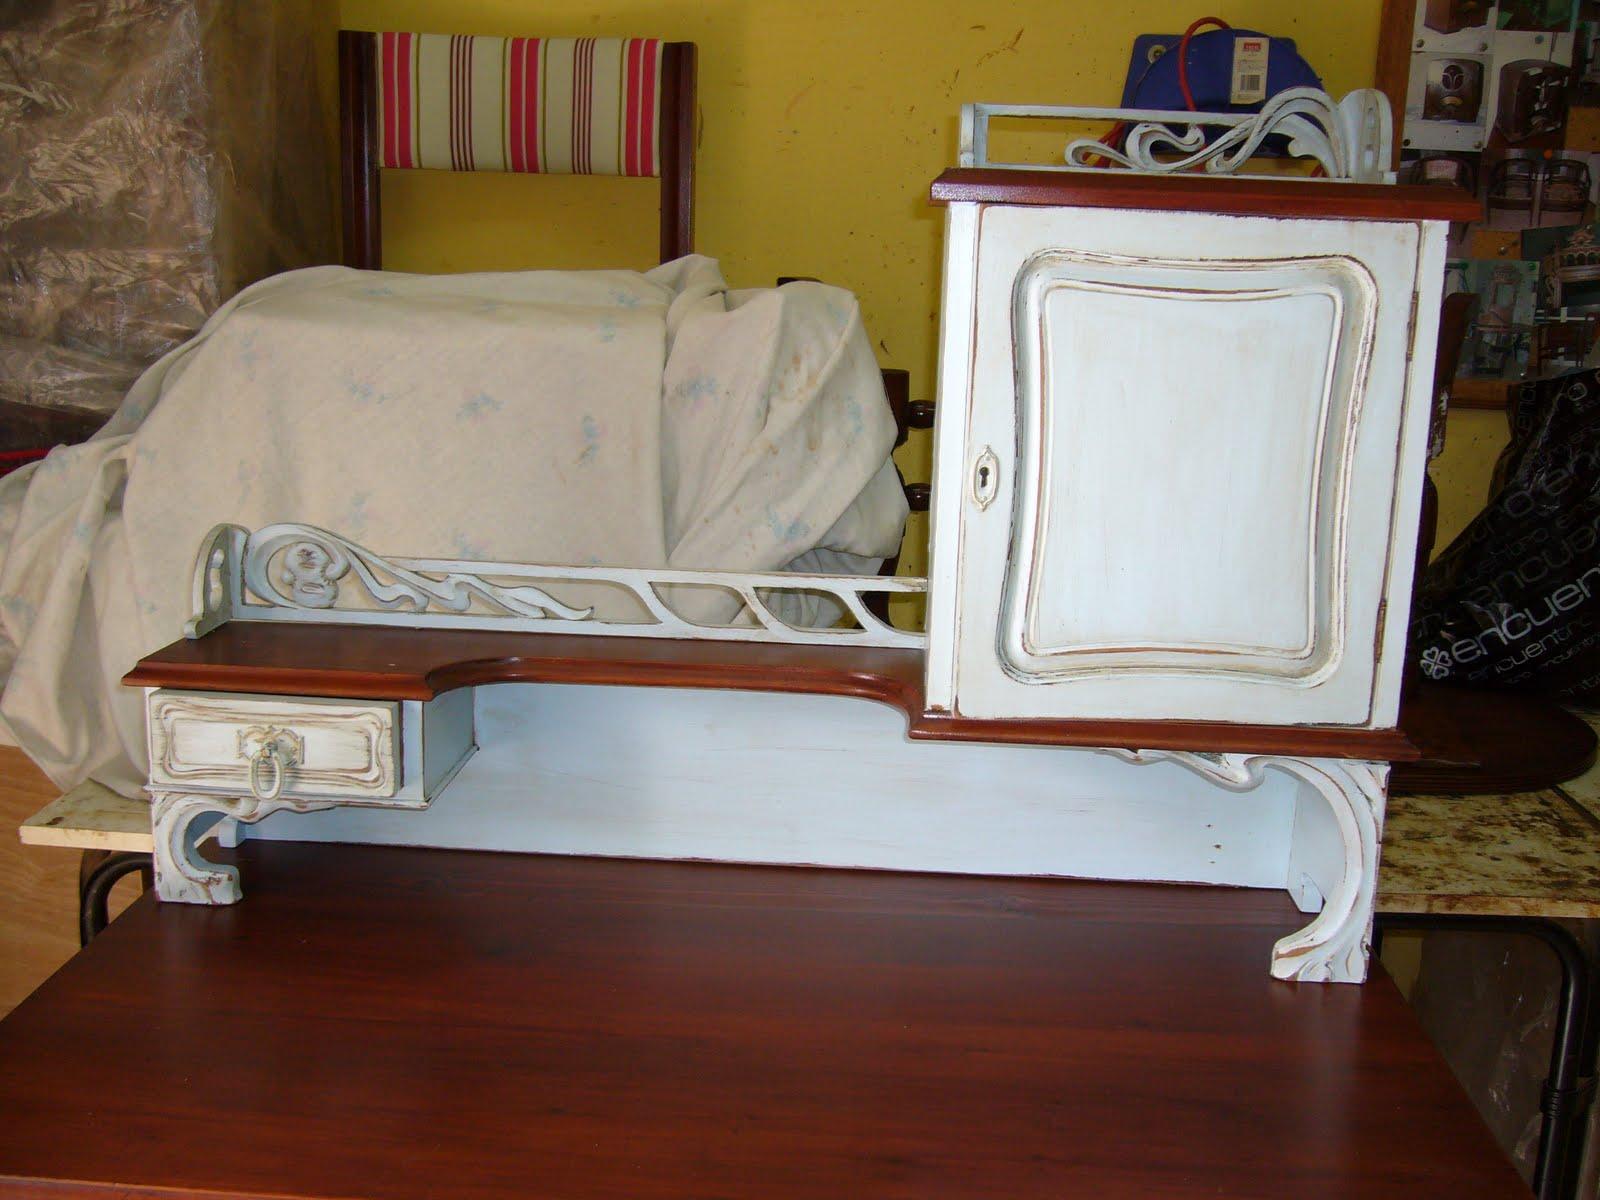 Muebles Patinados Dos Azules La Restauradora De La Laguna # Muebles Restaurados En Blanco